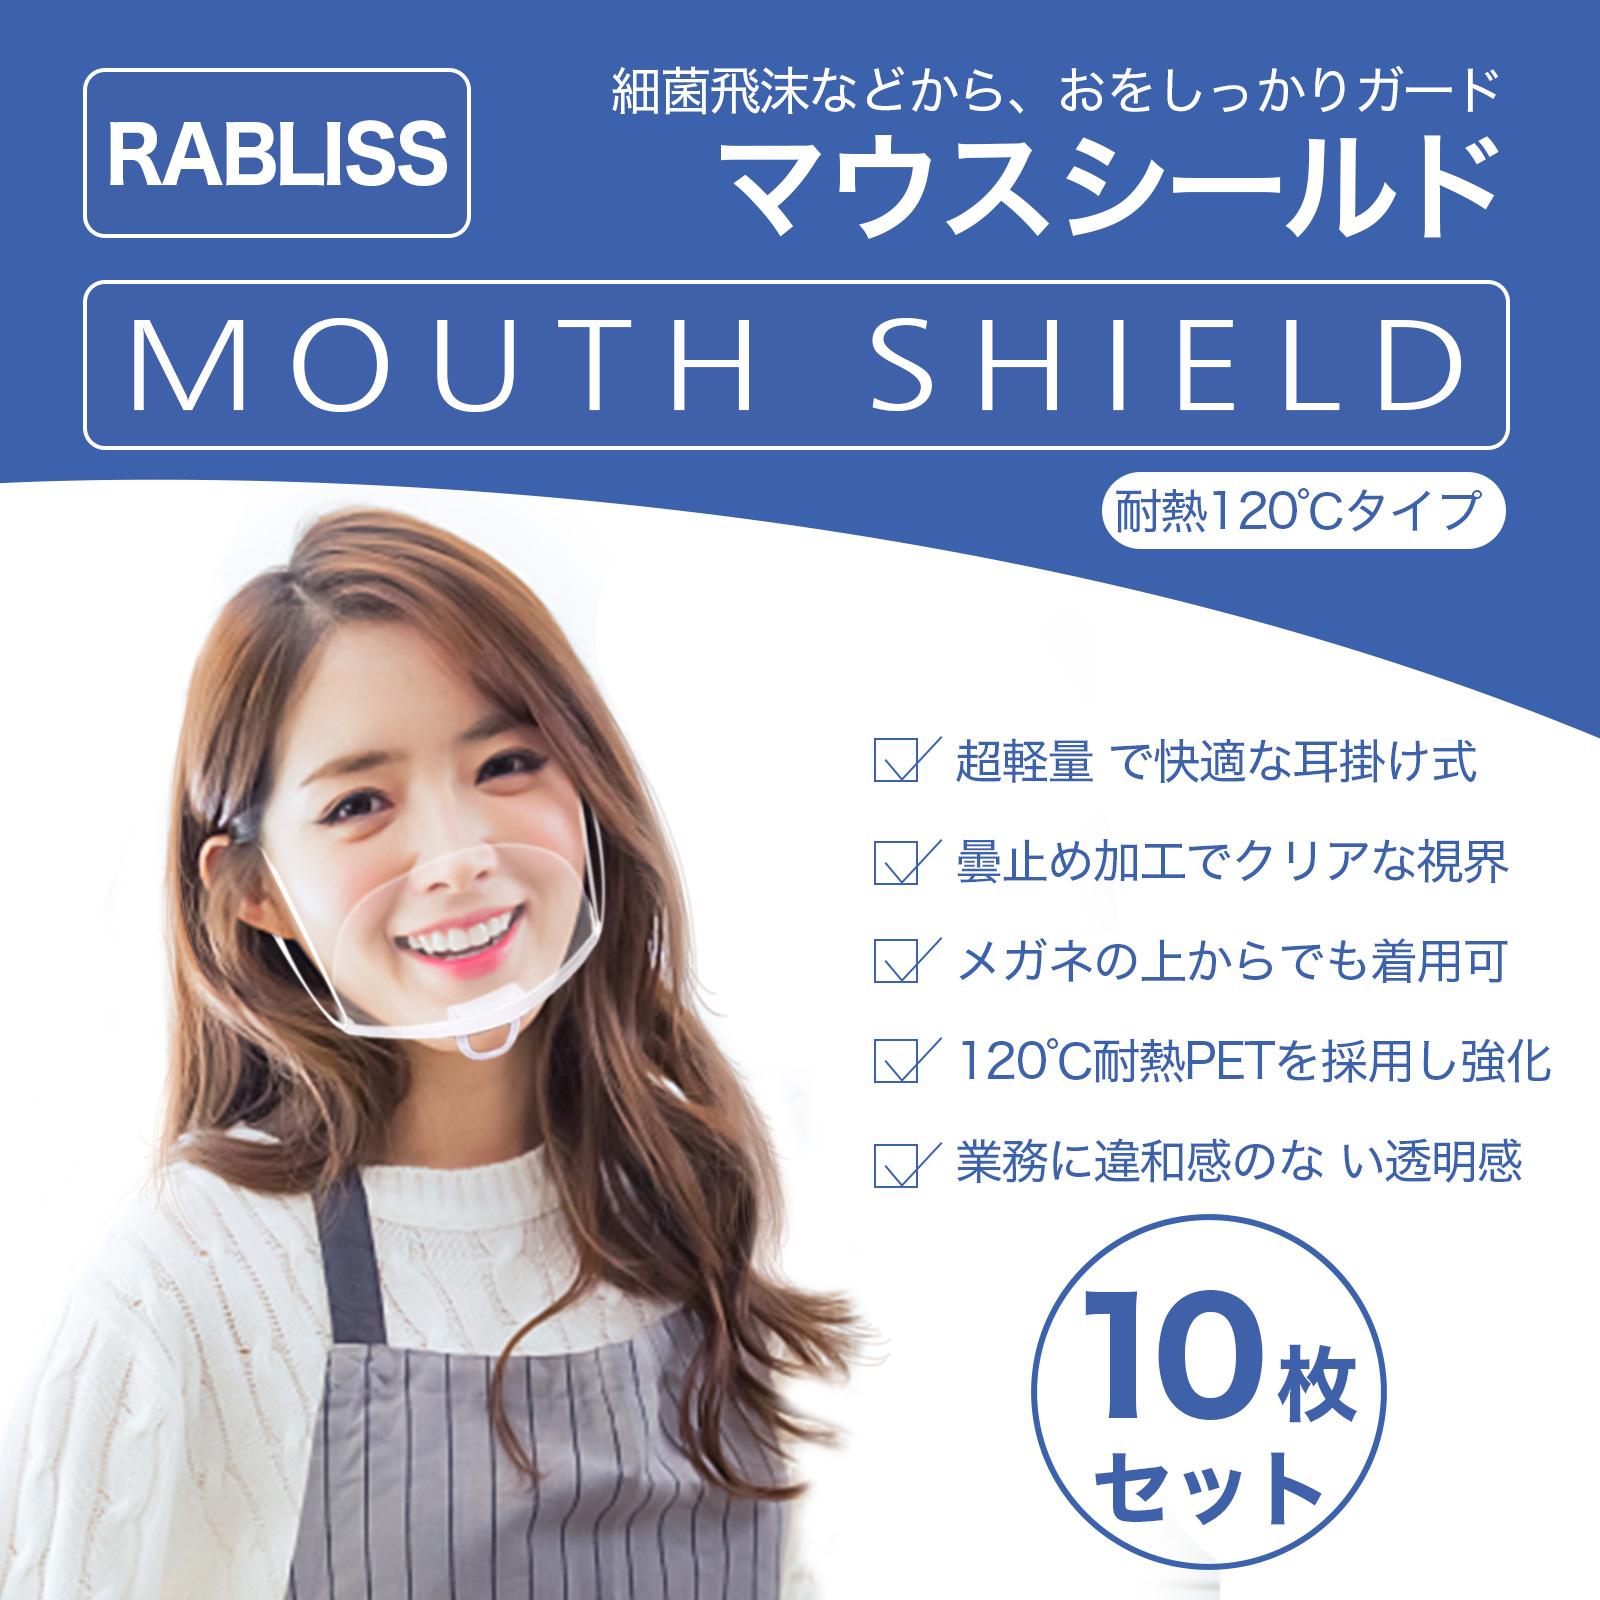 日本在庫あり【10枚セット】マウスシールド 透明マスク クリアマスク くもり止め 曇りにくい マウスガード